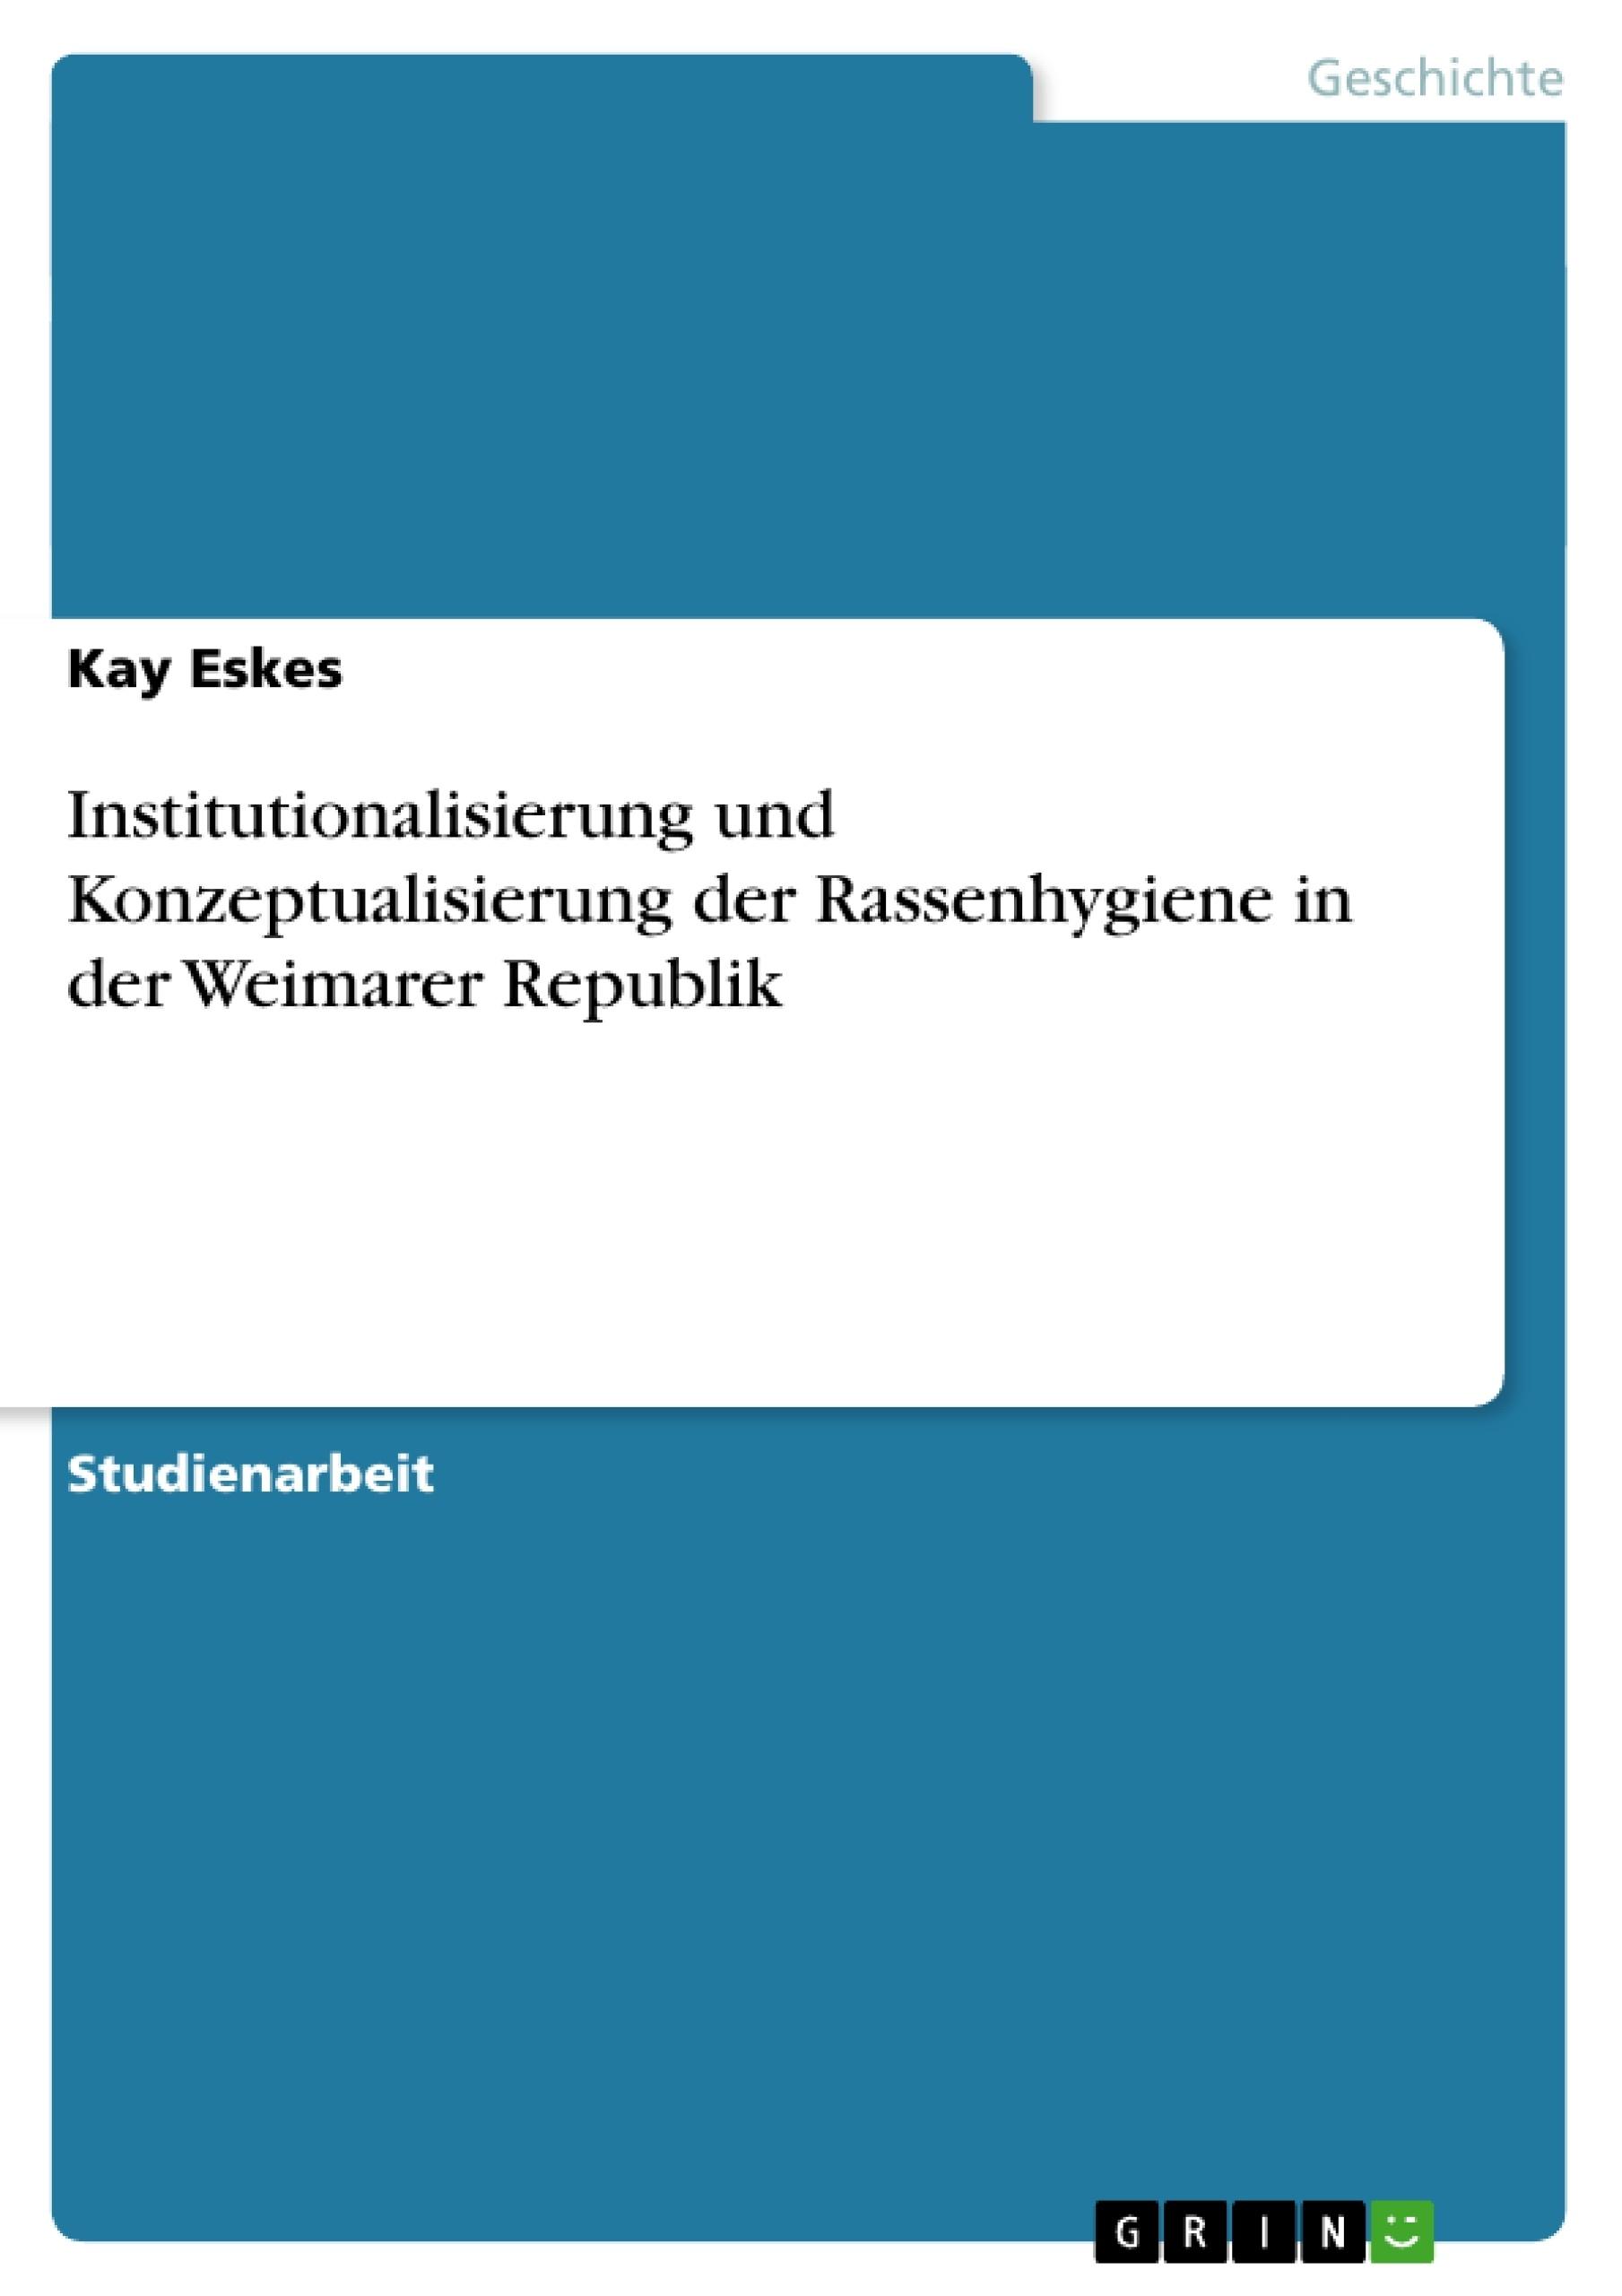 Titel: Institutionalisierung und Konzeptualisierung der Rassenhygiene in der Weimarer Republik